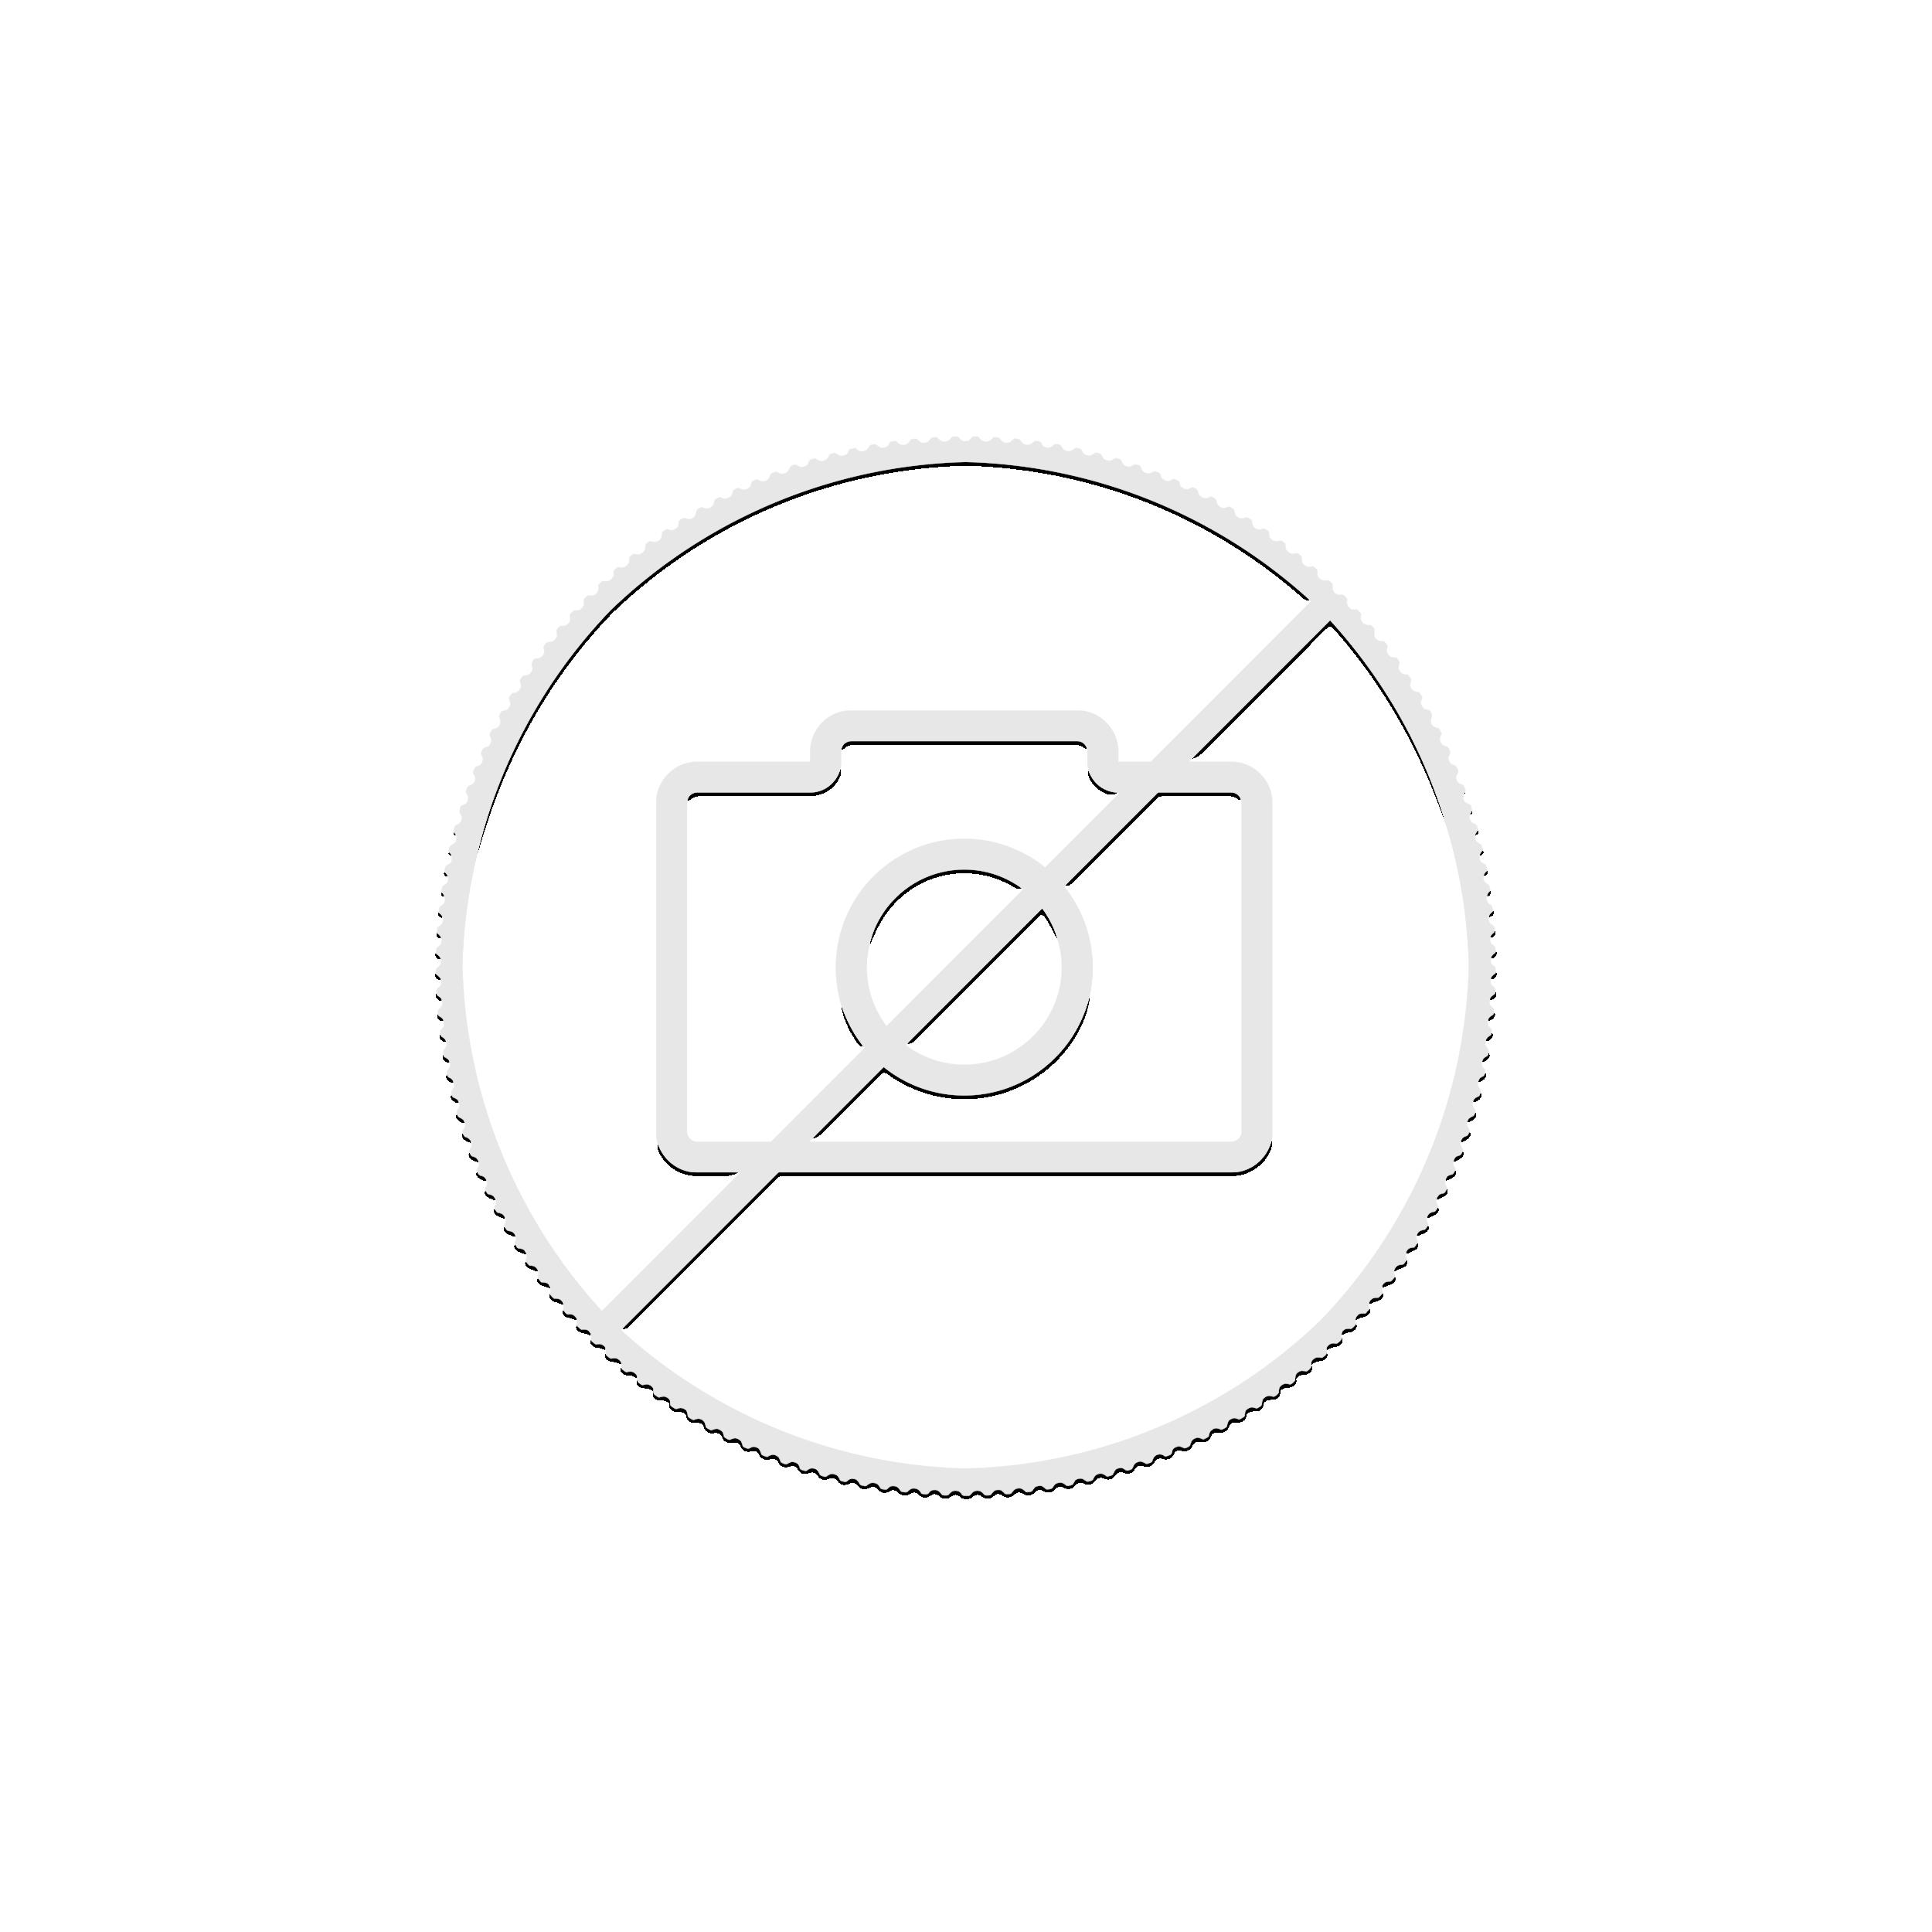 Gouden 1/10 troy ounce Wiener Philharmoniker munt 2021